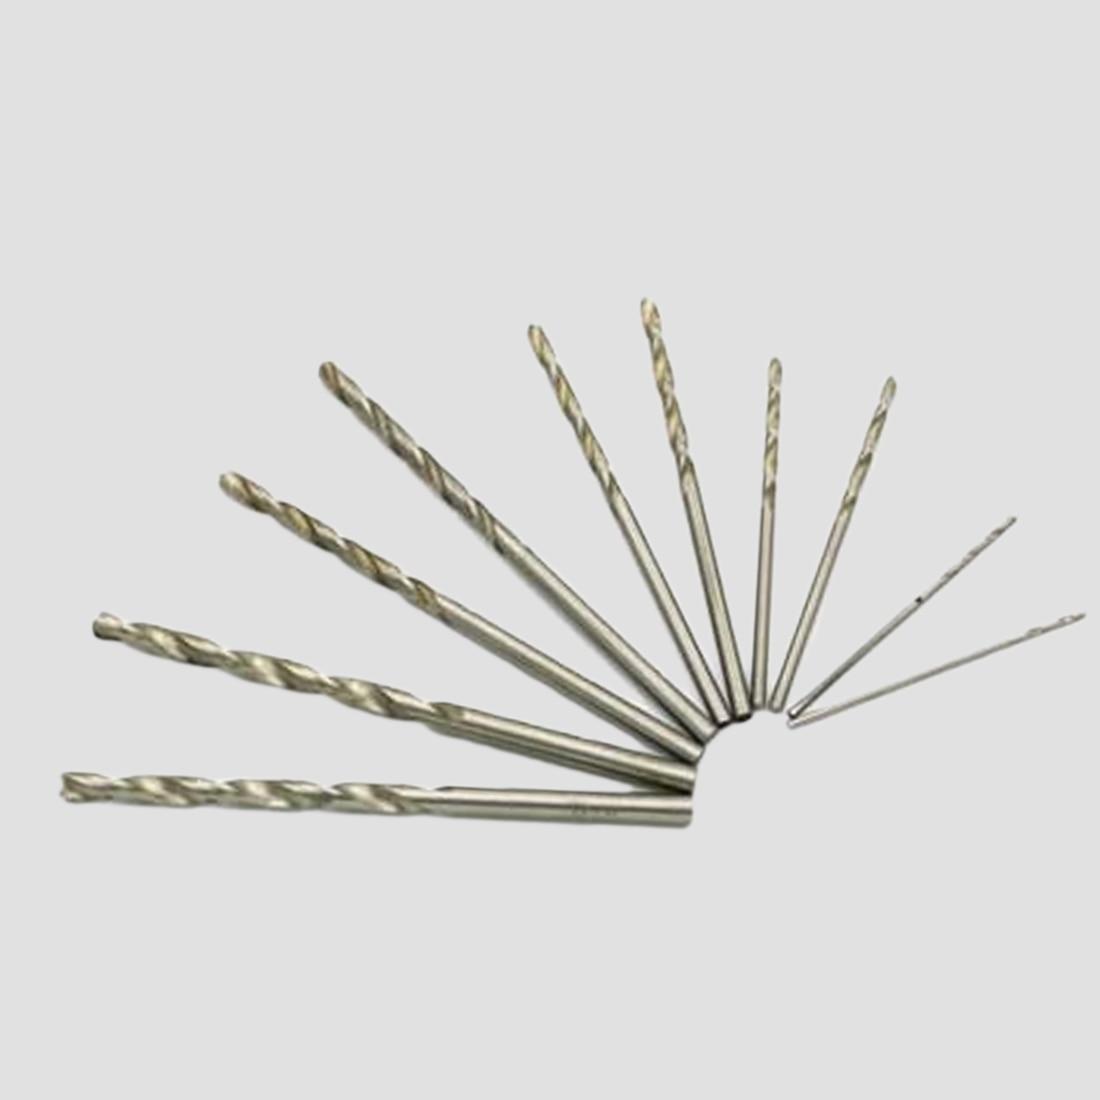 10pcs Micro HSS Drill Bits 0.5-3mm Straight Twist Drill Bits White Steel Drill Bits For Dremel Rotary Tool wood drill bit new 10pcs jobbers mini micro hss twist drill bits 0 5 3mm for wood pcb presses drilling dremel rotary tools